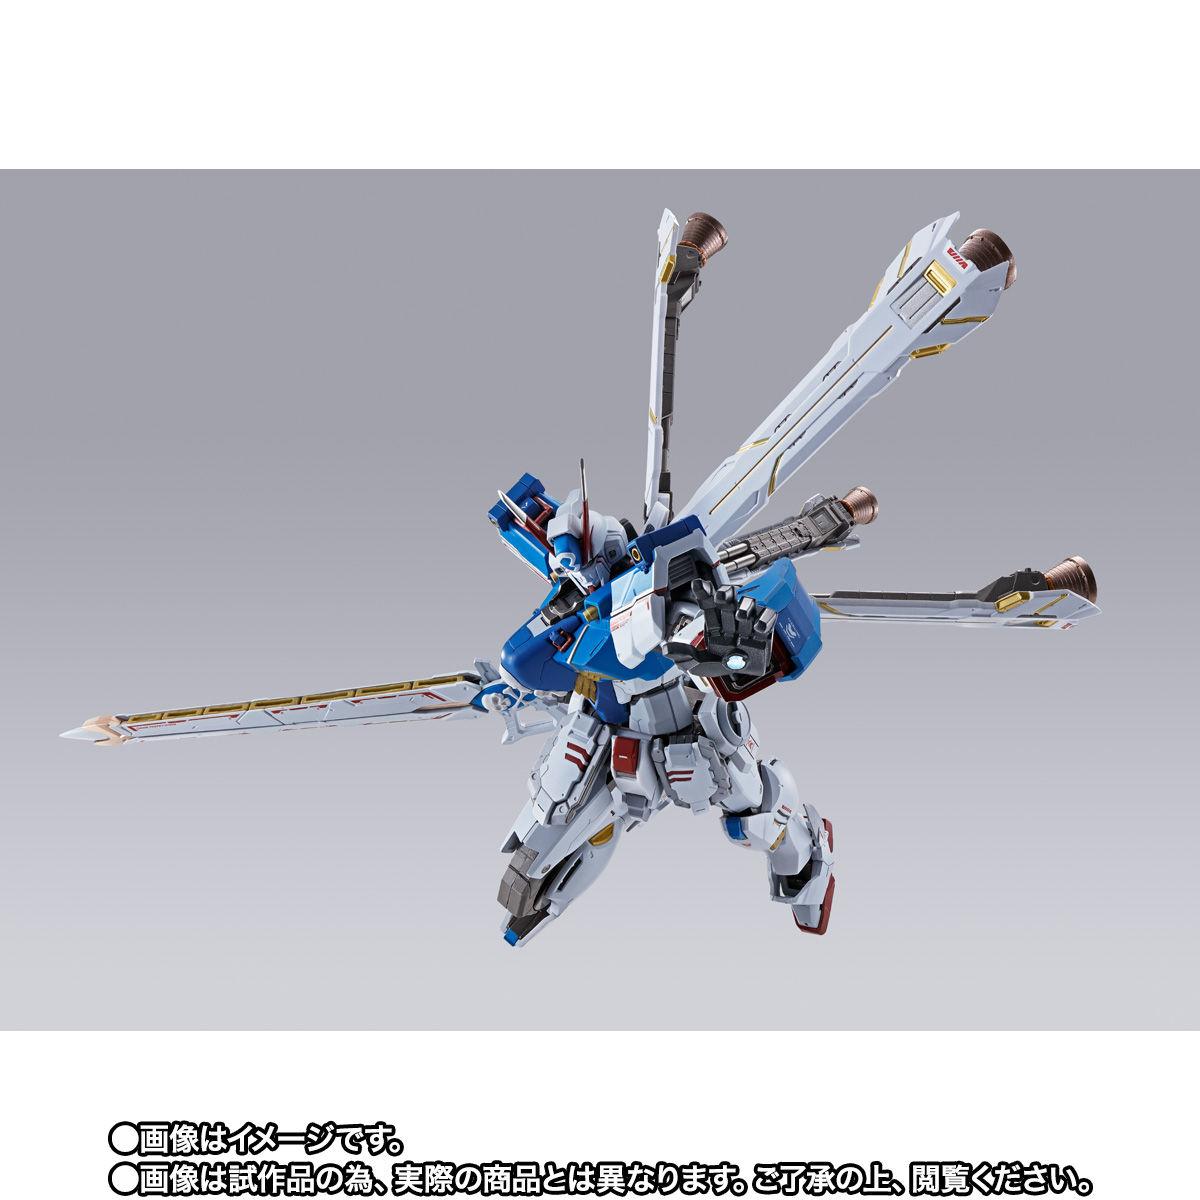 【限定販売】METAL BUILD『クロスボーン・ガンダムX3』機動戦士クロスボーン・ガンダム 可動フィギュア-003